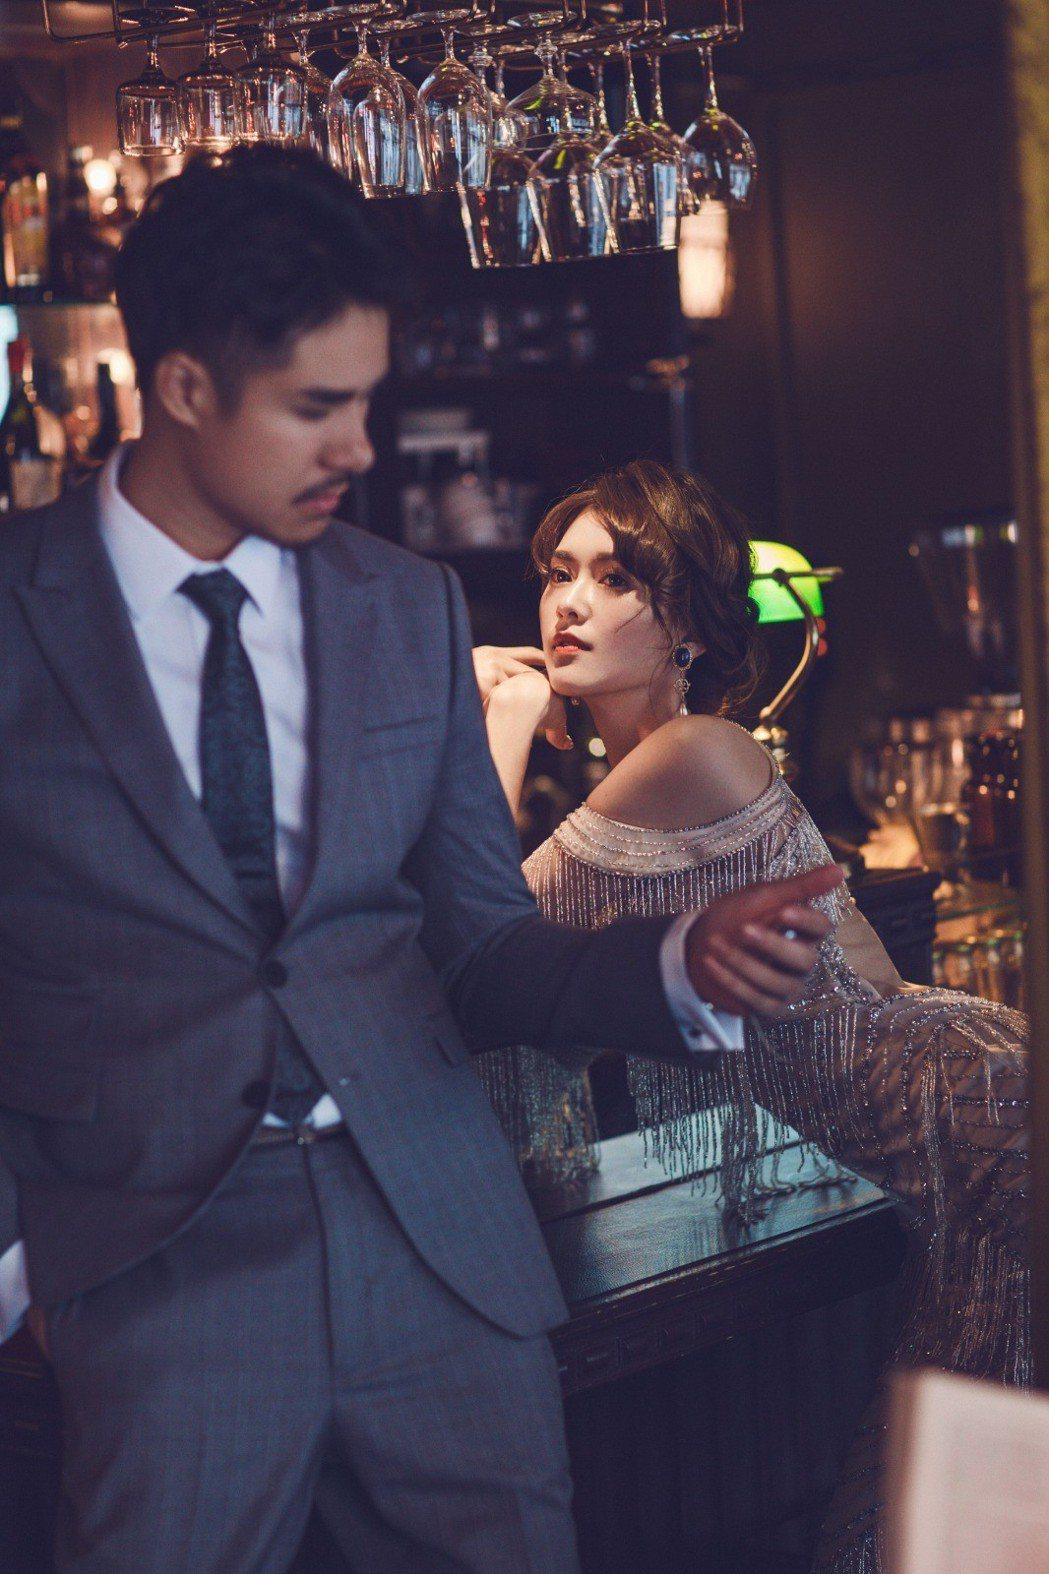 劉宜函跟老公拍出唯美婚紗照。圖/wedding21韓式婚紗提供